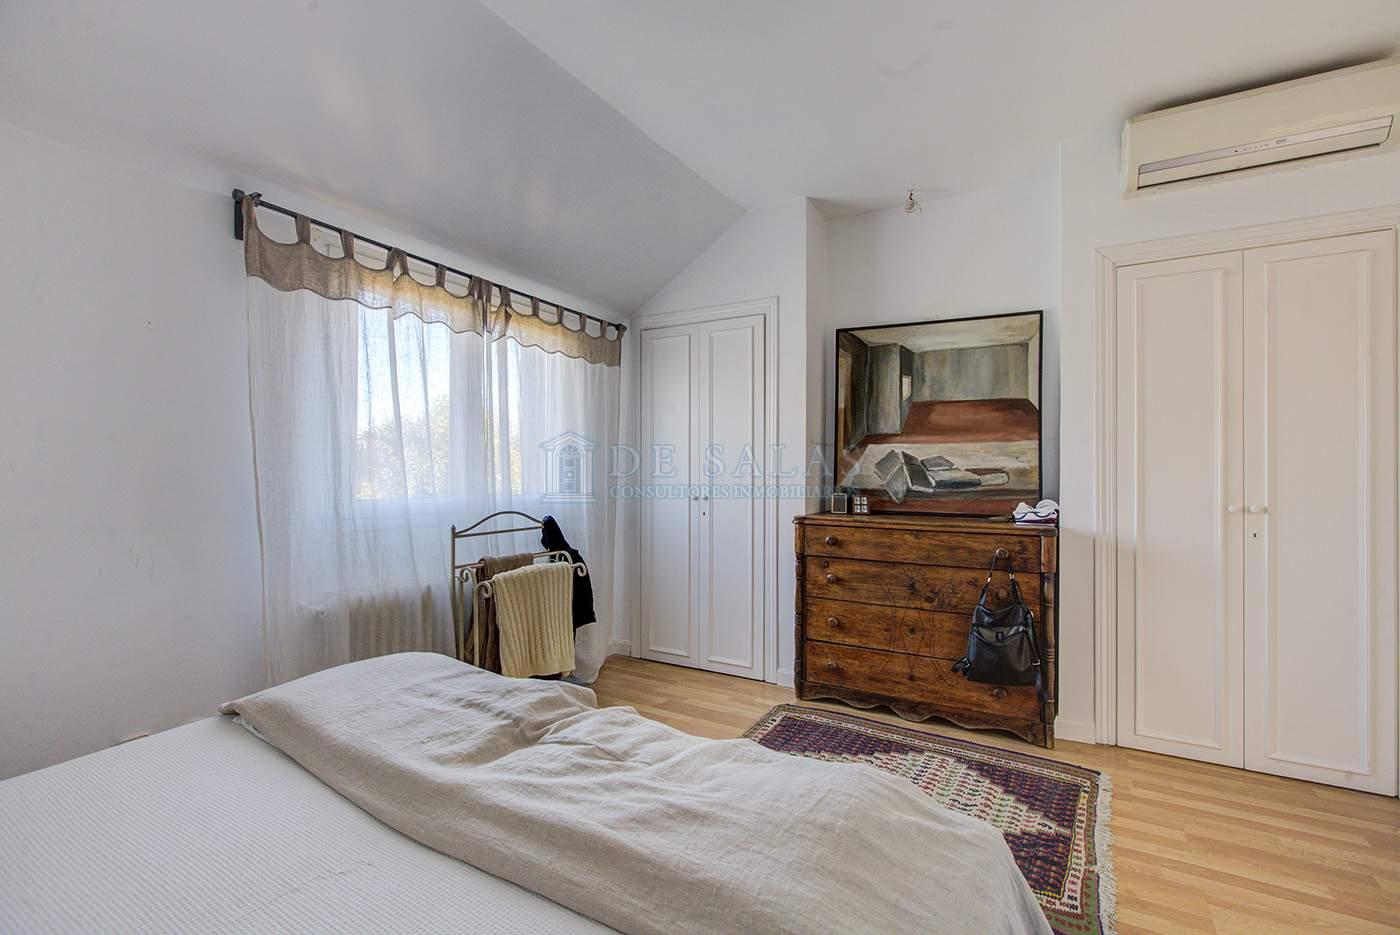 Dormitorio-IMG_9831_2_3 copia